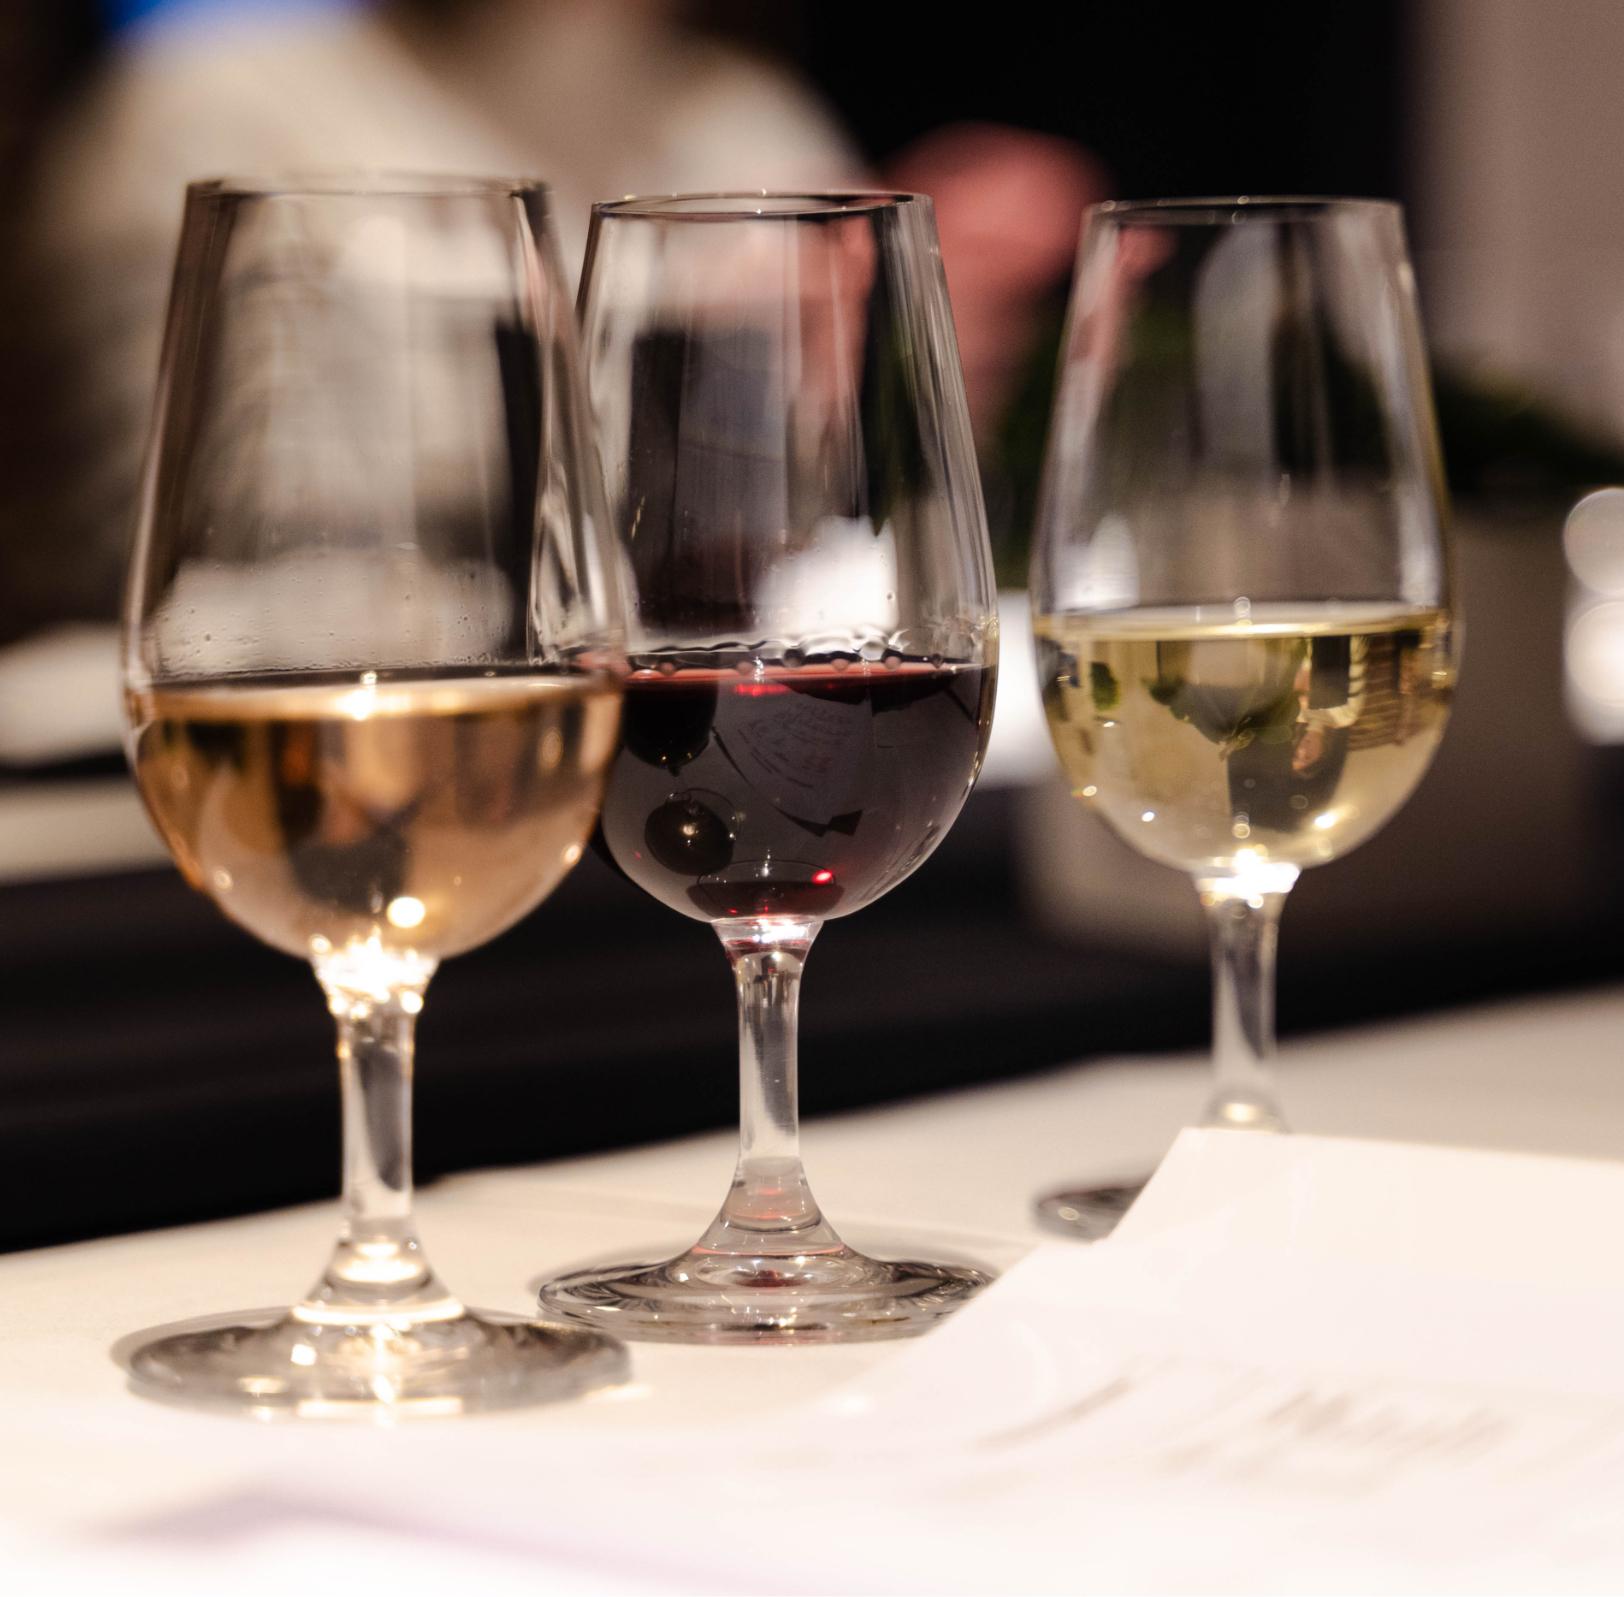 Atelier dégustation | Soif. | Ateliers dégustation, vente de vins et spiritueux à Limoges